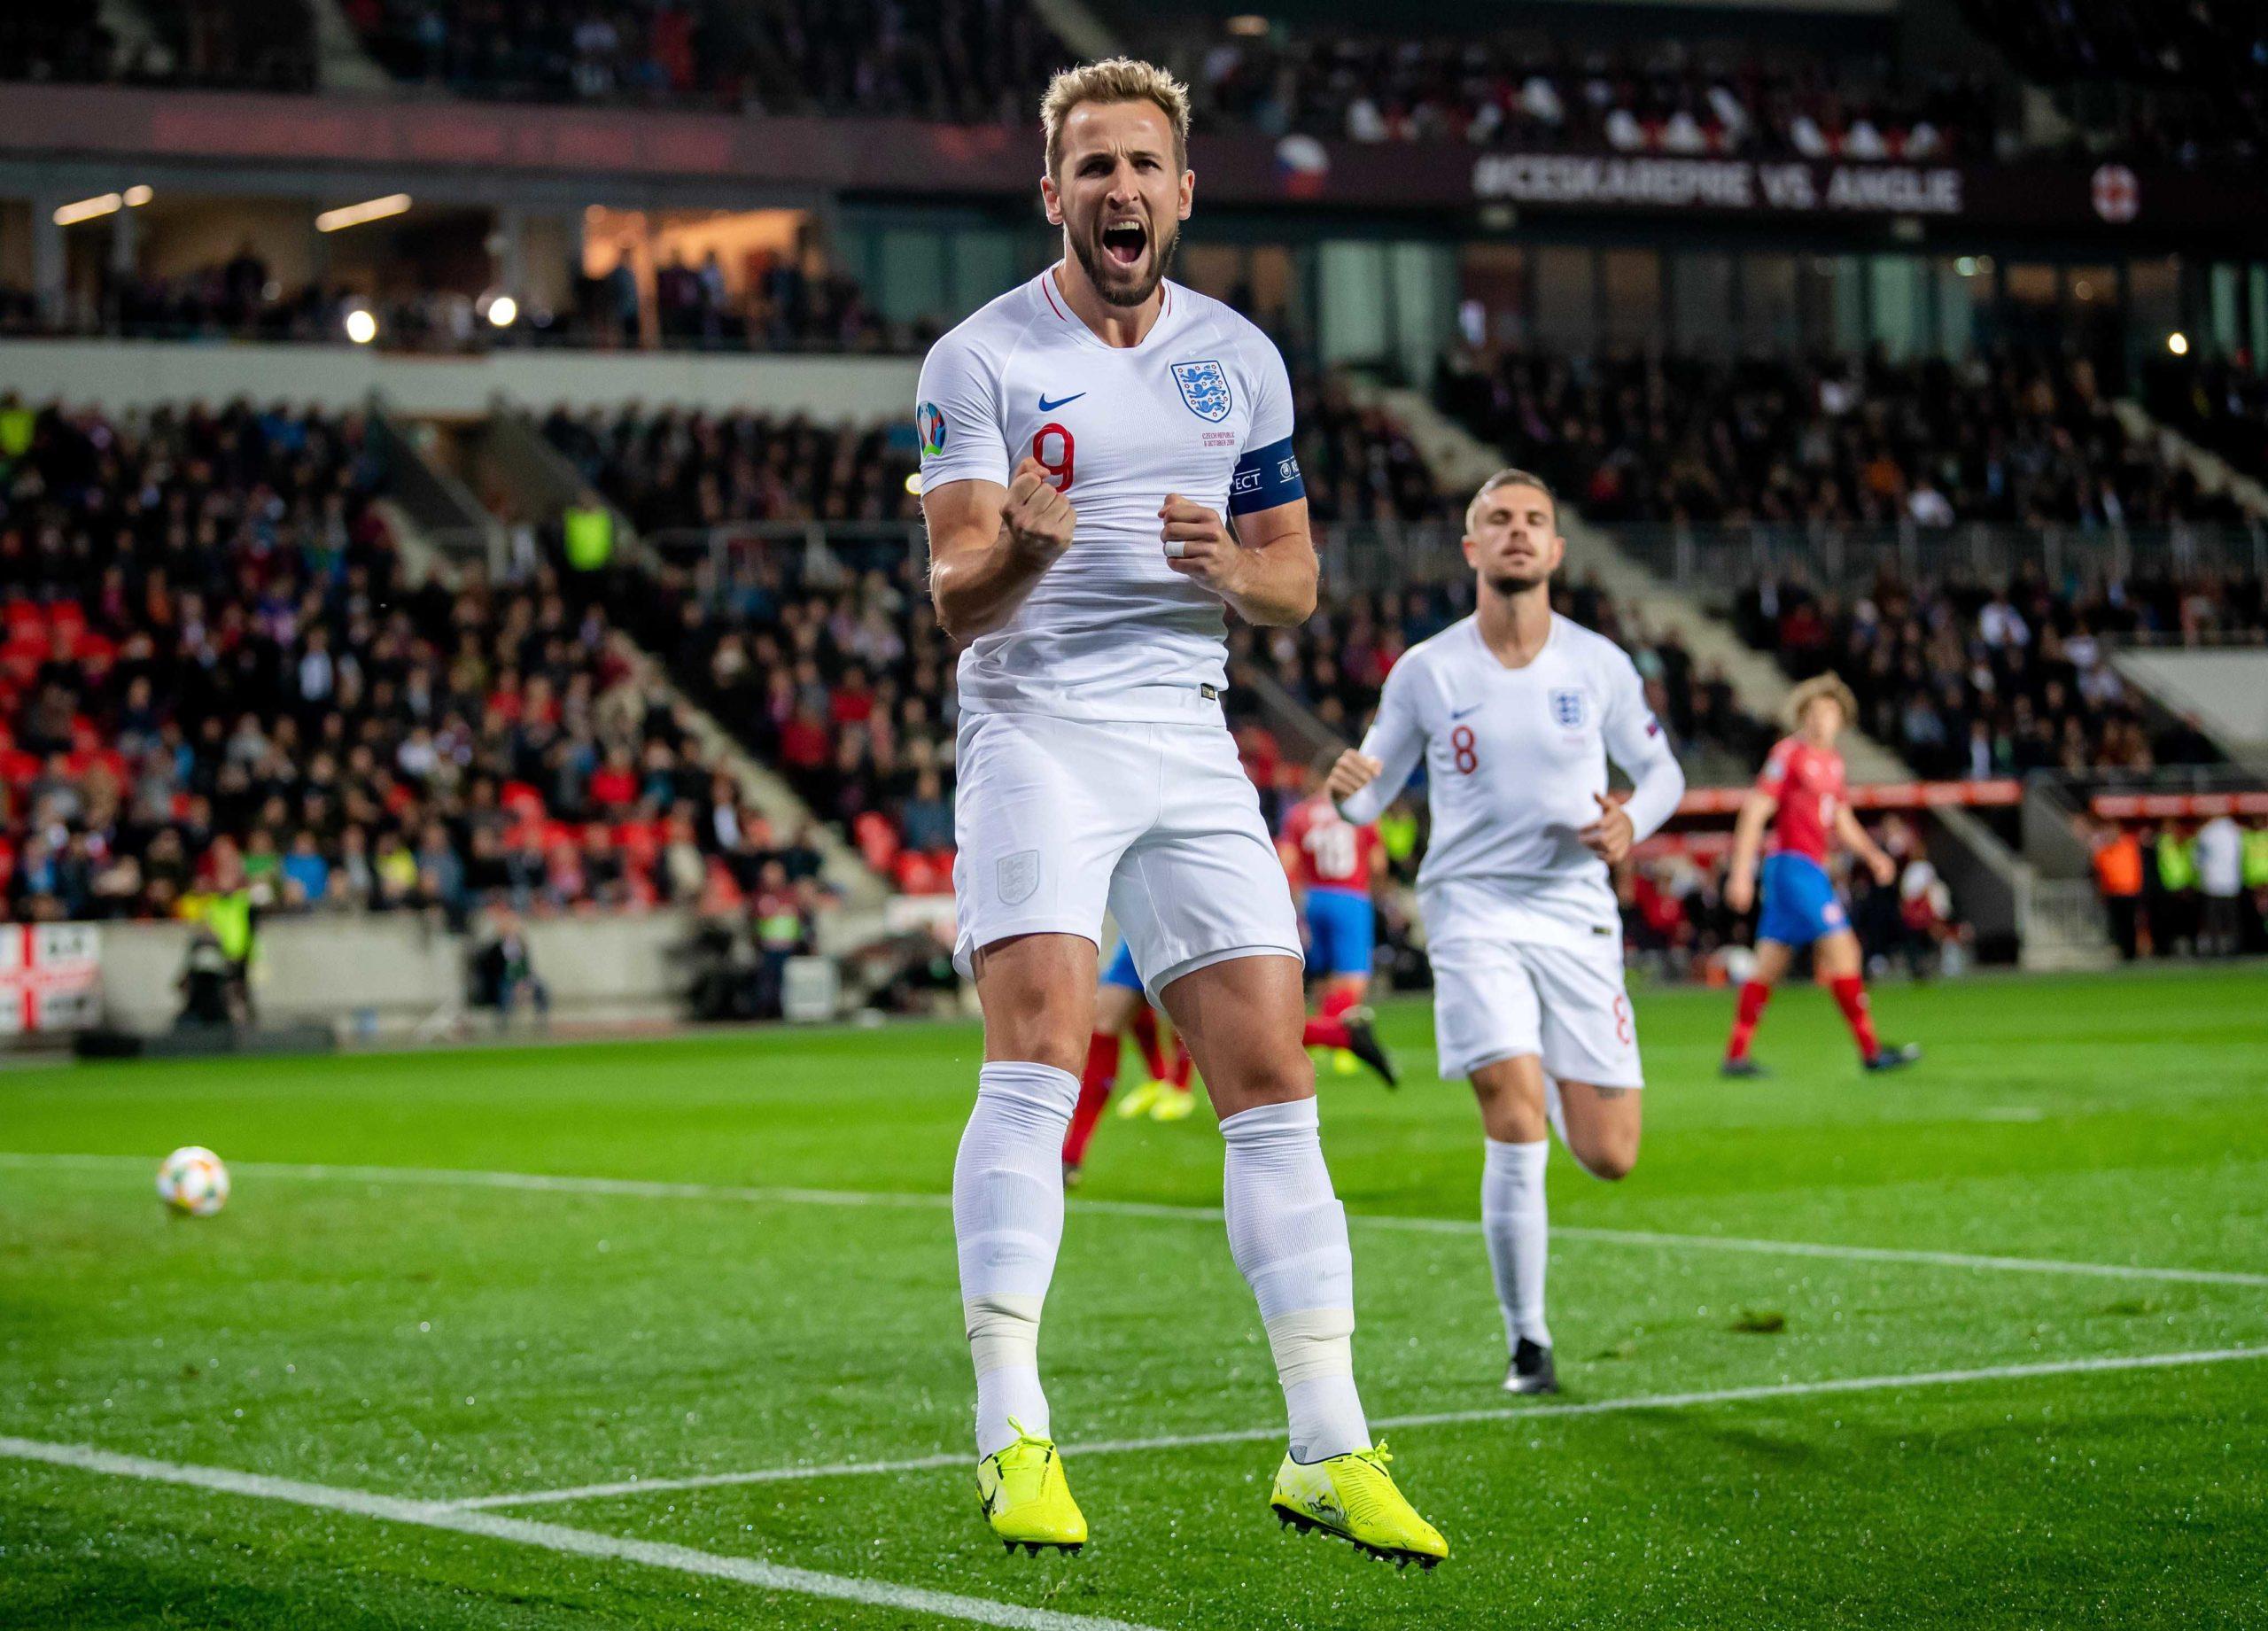 Harry Kane Siap Menjuara Inggris di Euro 2020